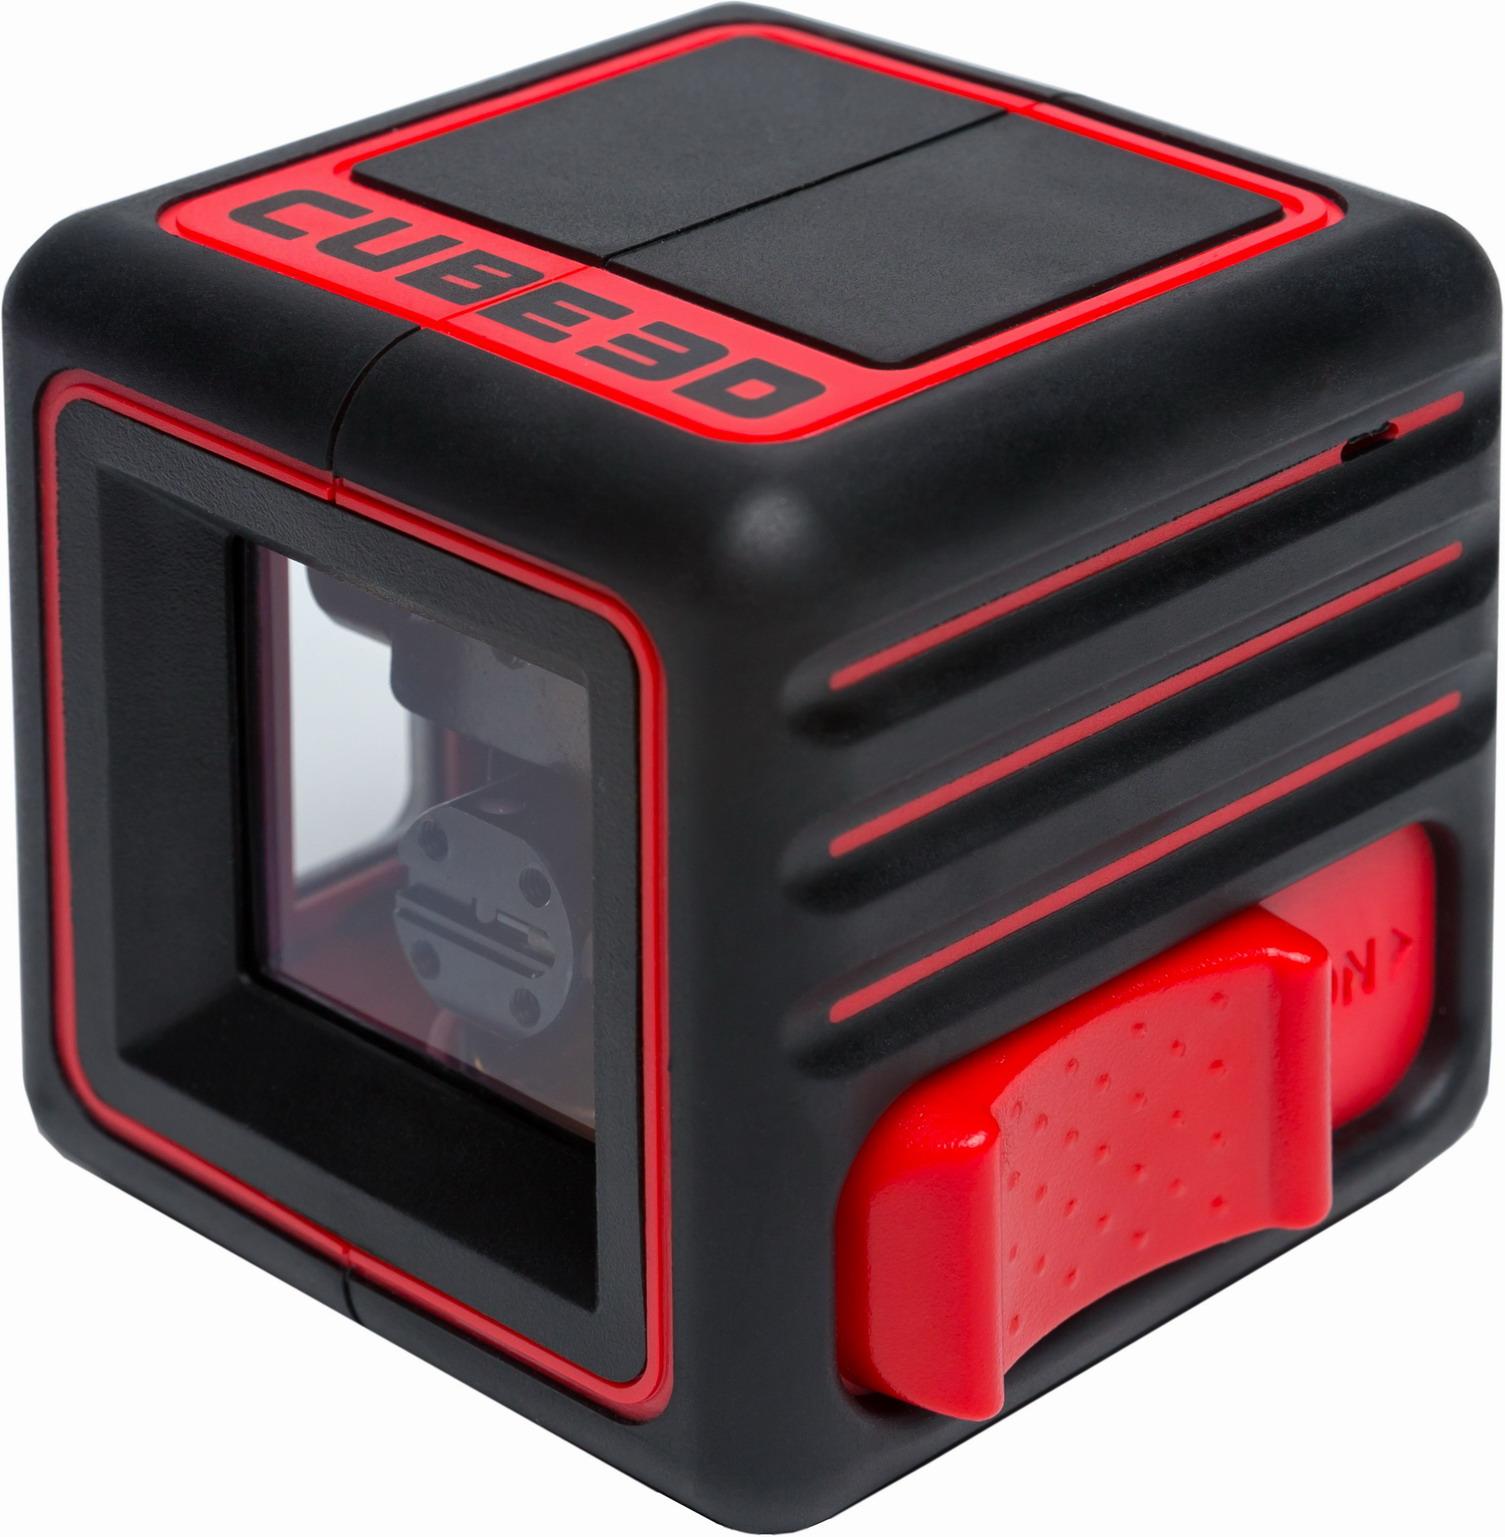 Лазерный нивелир ADA CUBE 3D BASIC EDITION лазерный нивелир ada cube 3d professional edition